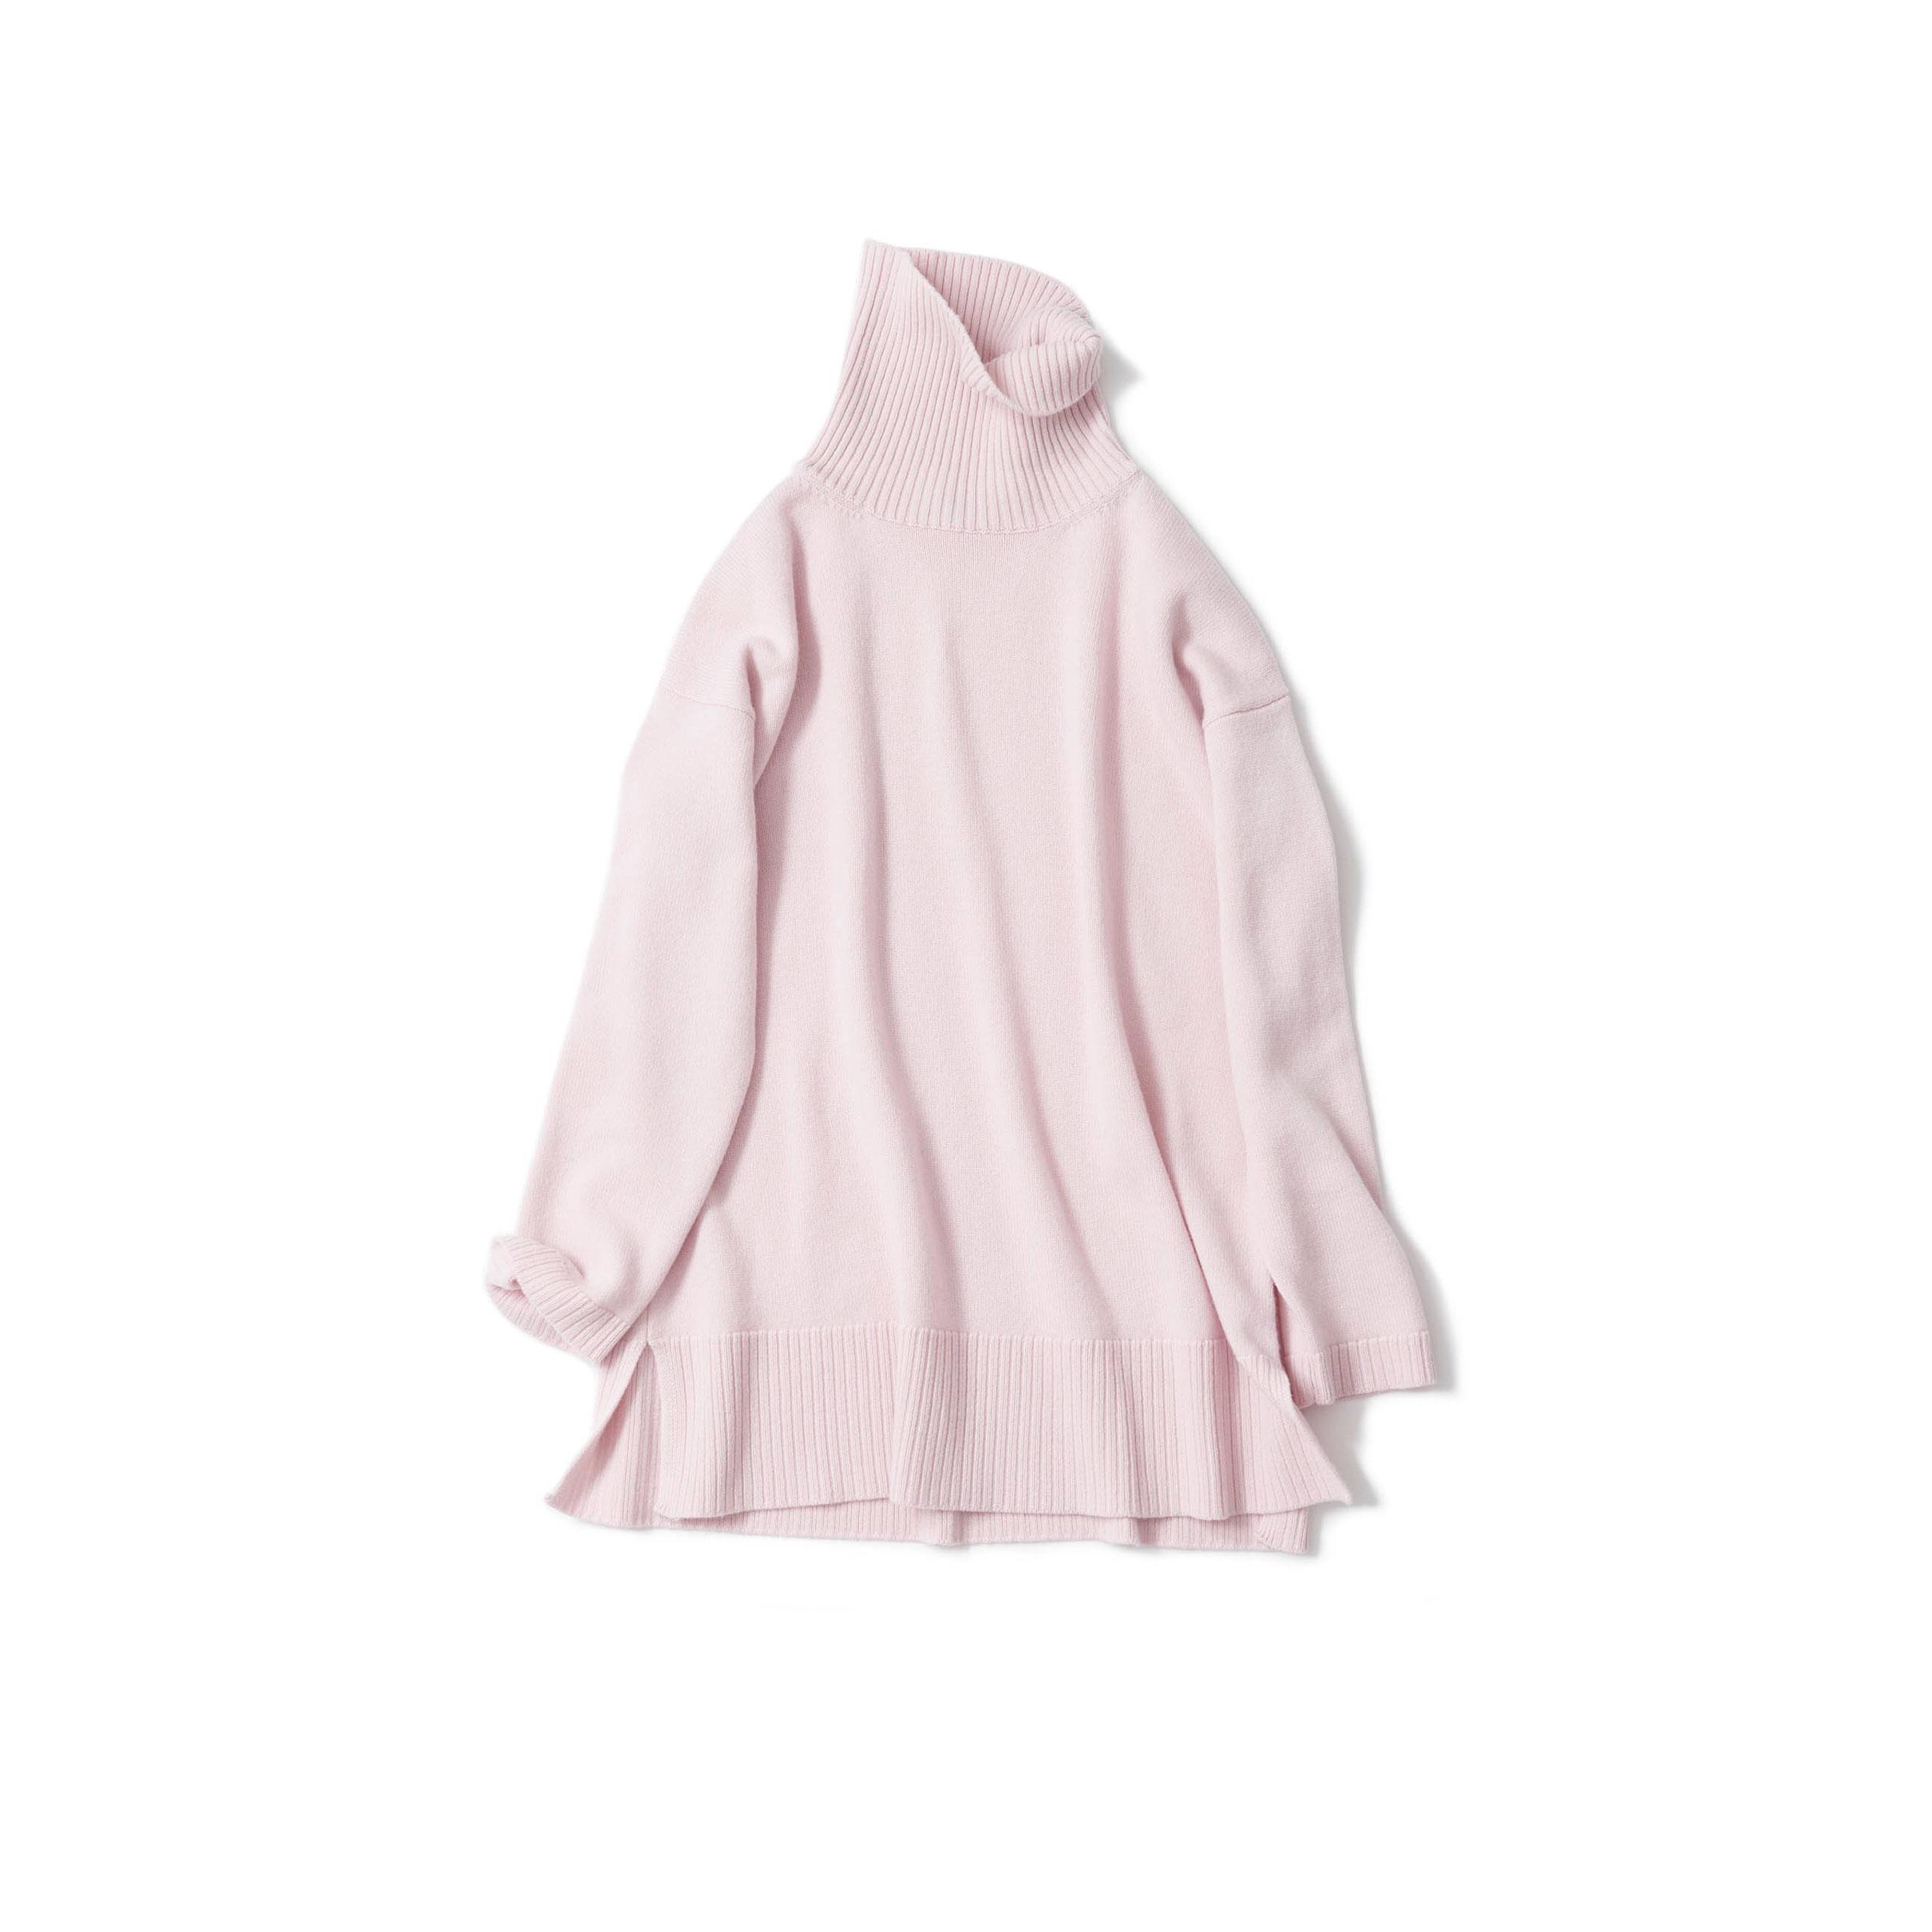 ドルチェビータニット・Pink